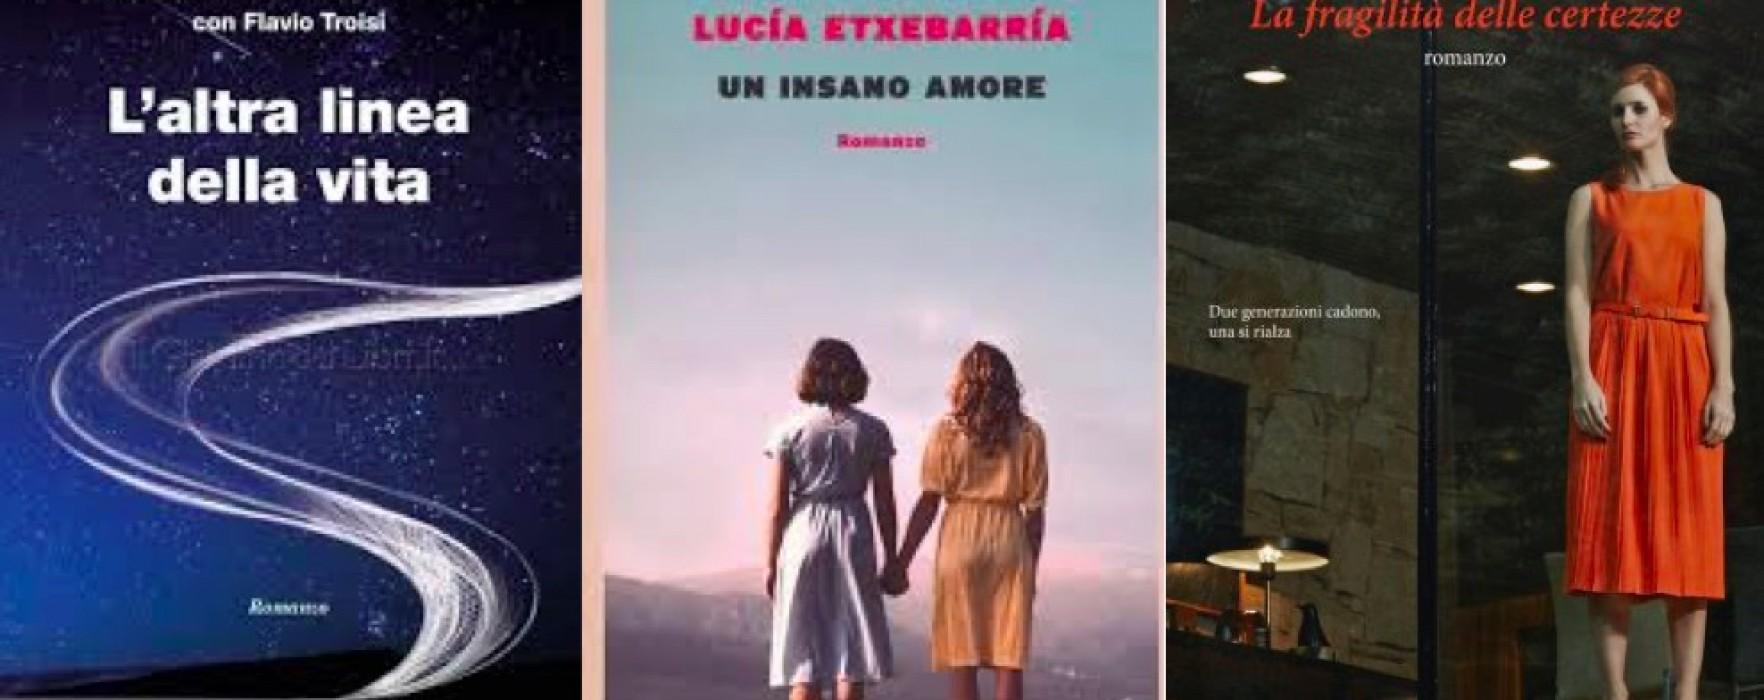 Libri di donne. Tre romanzi, tre universi paralleli